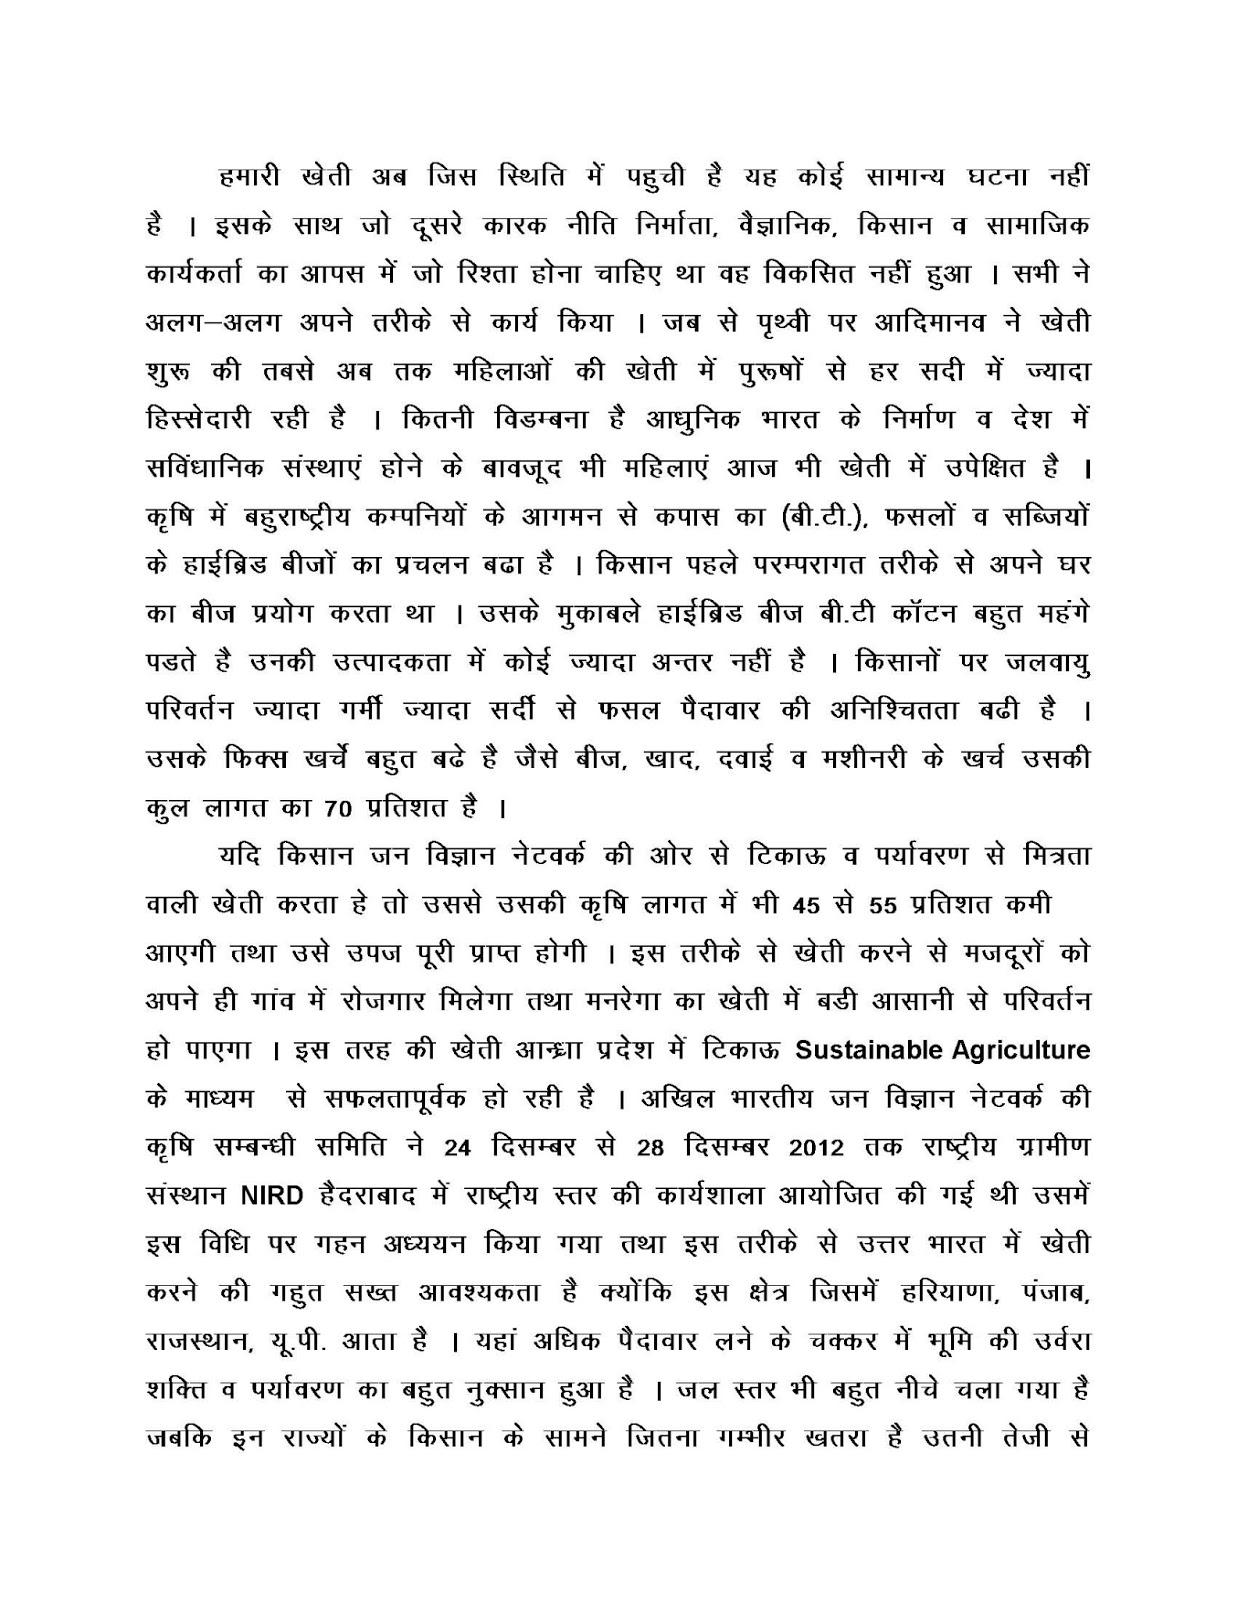 003 Essay Example Democracy Hindi20work20dr 20rajinder20singh Page 3 Shocking In Urdu Pdf Pakistan English 200 Words Full